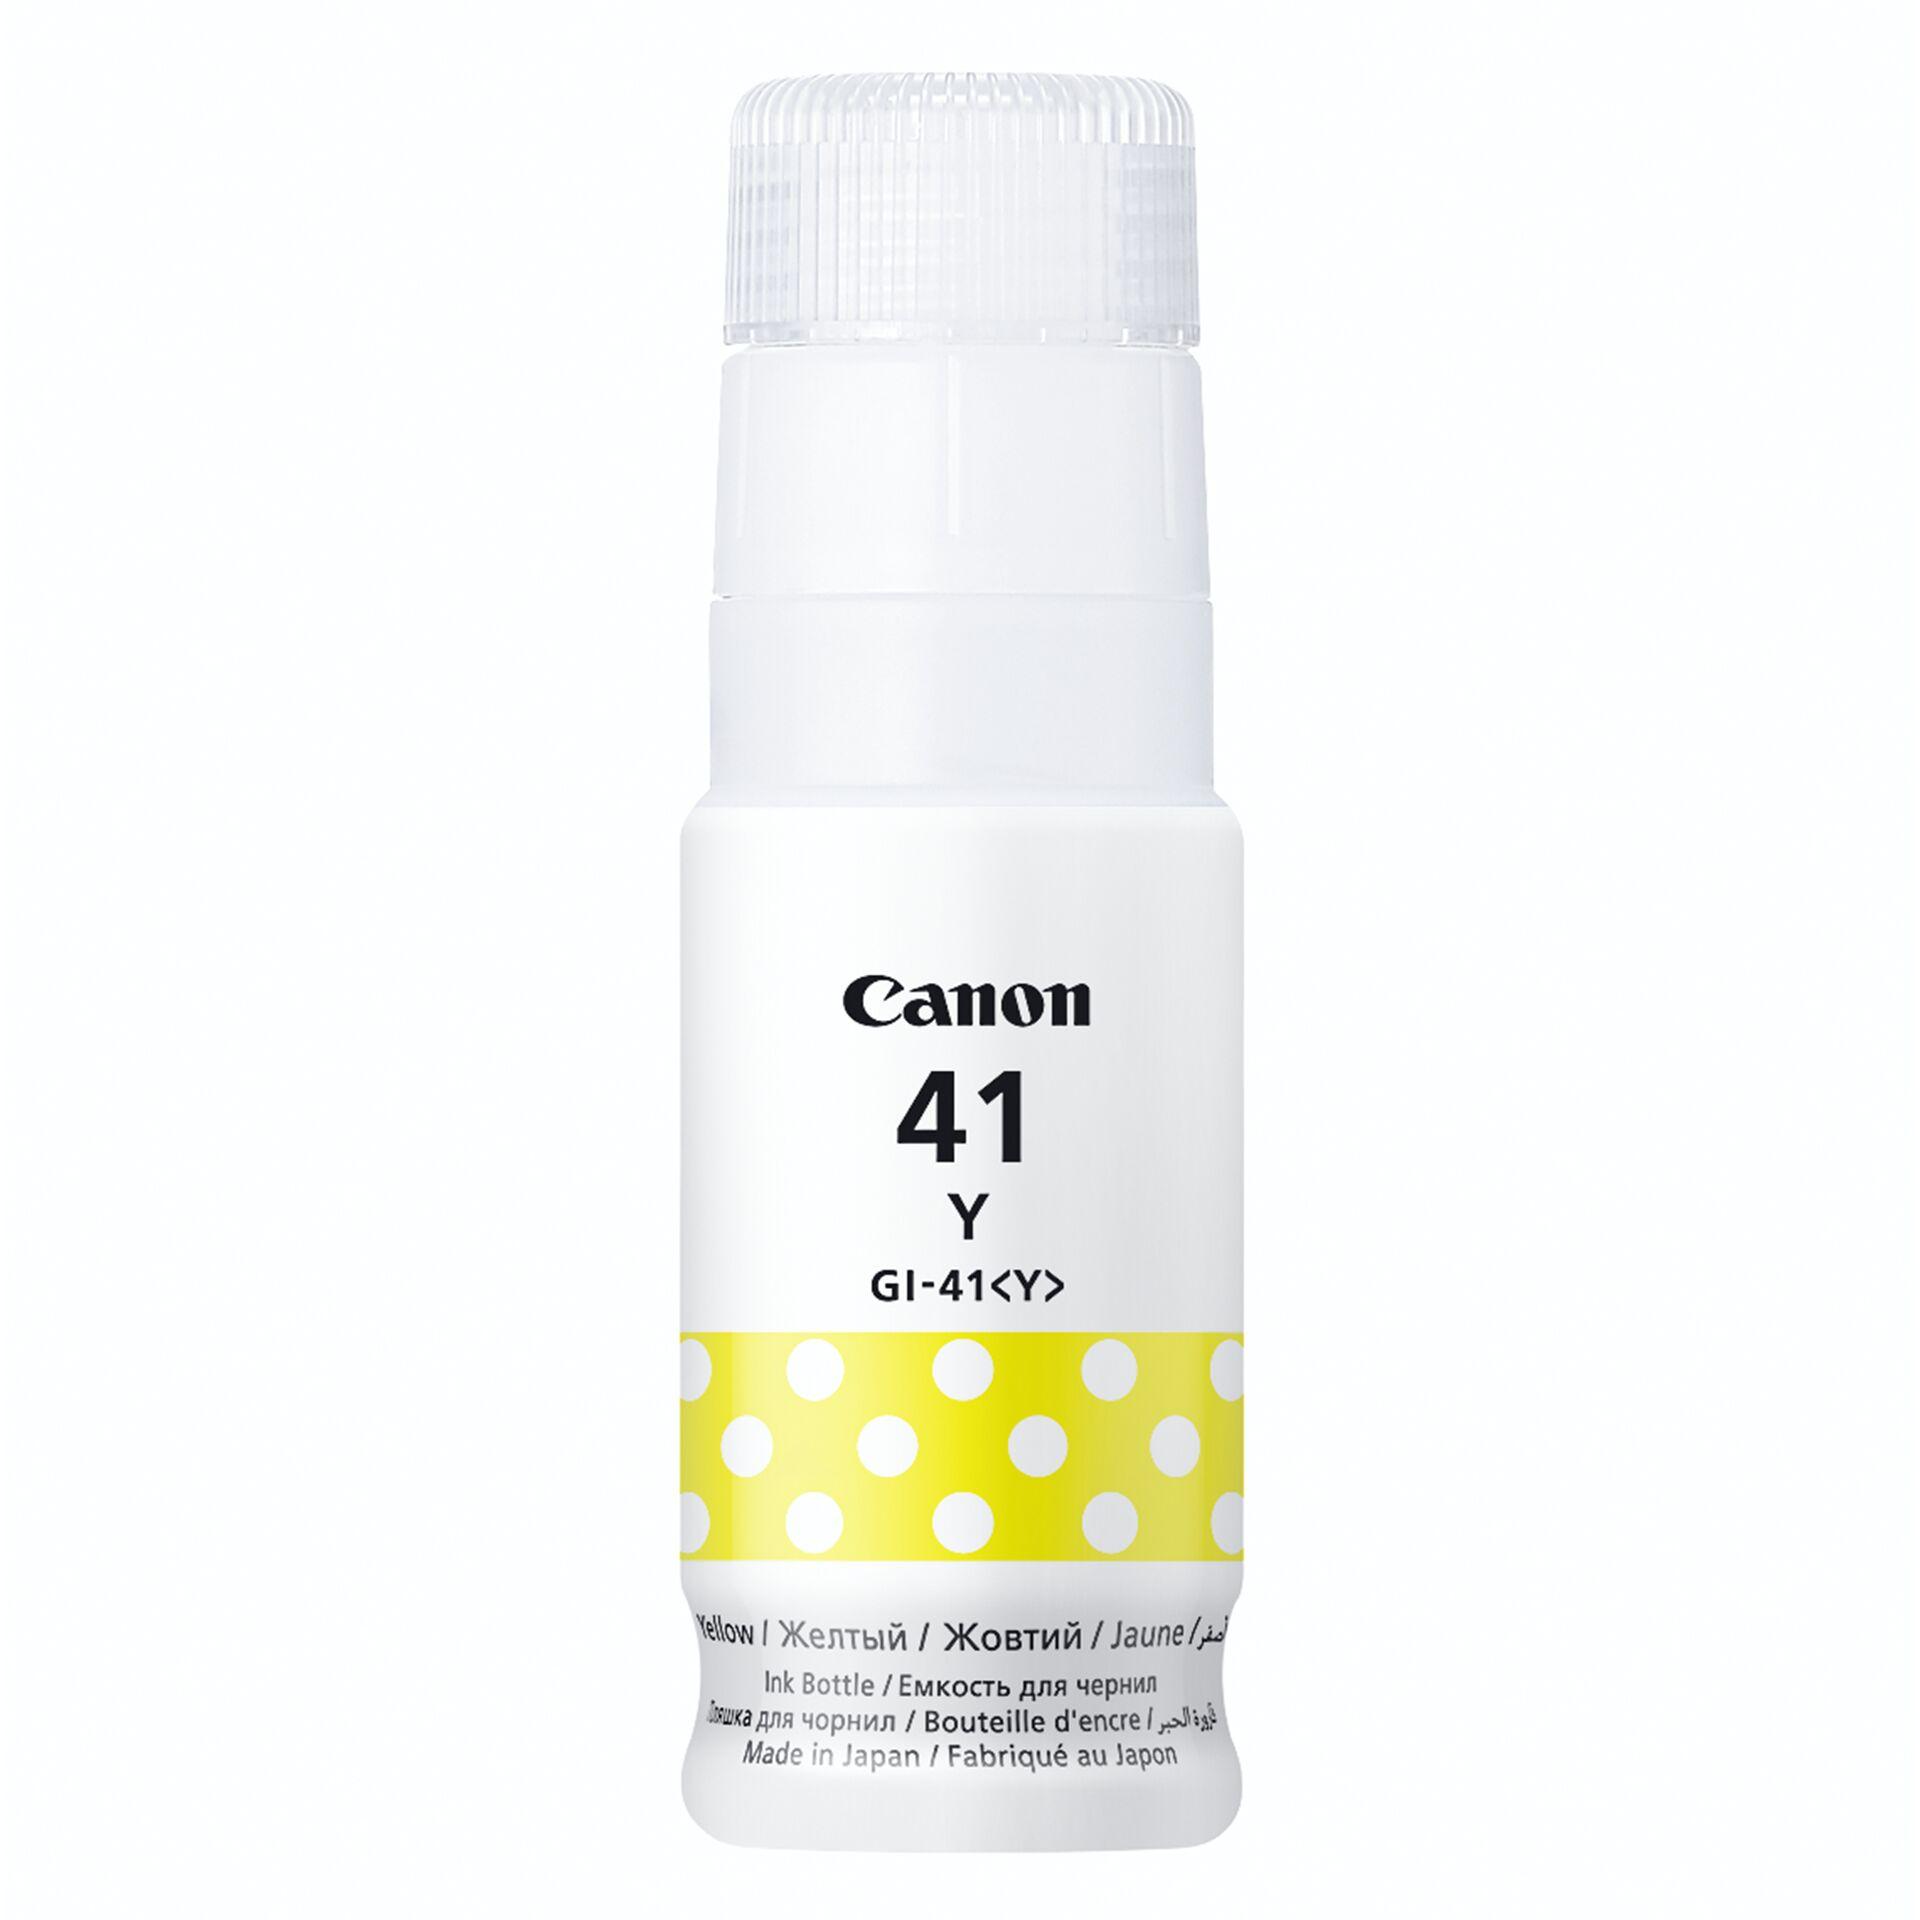 Canon GI-41 Y yellow